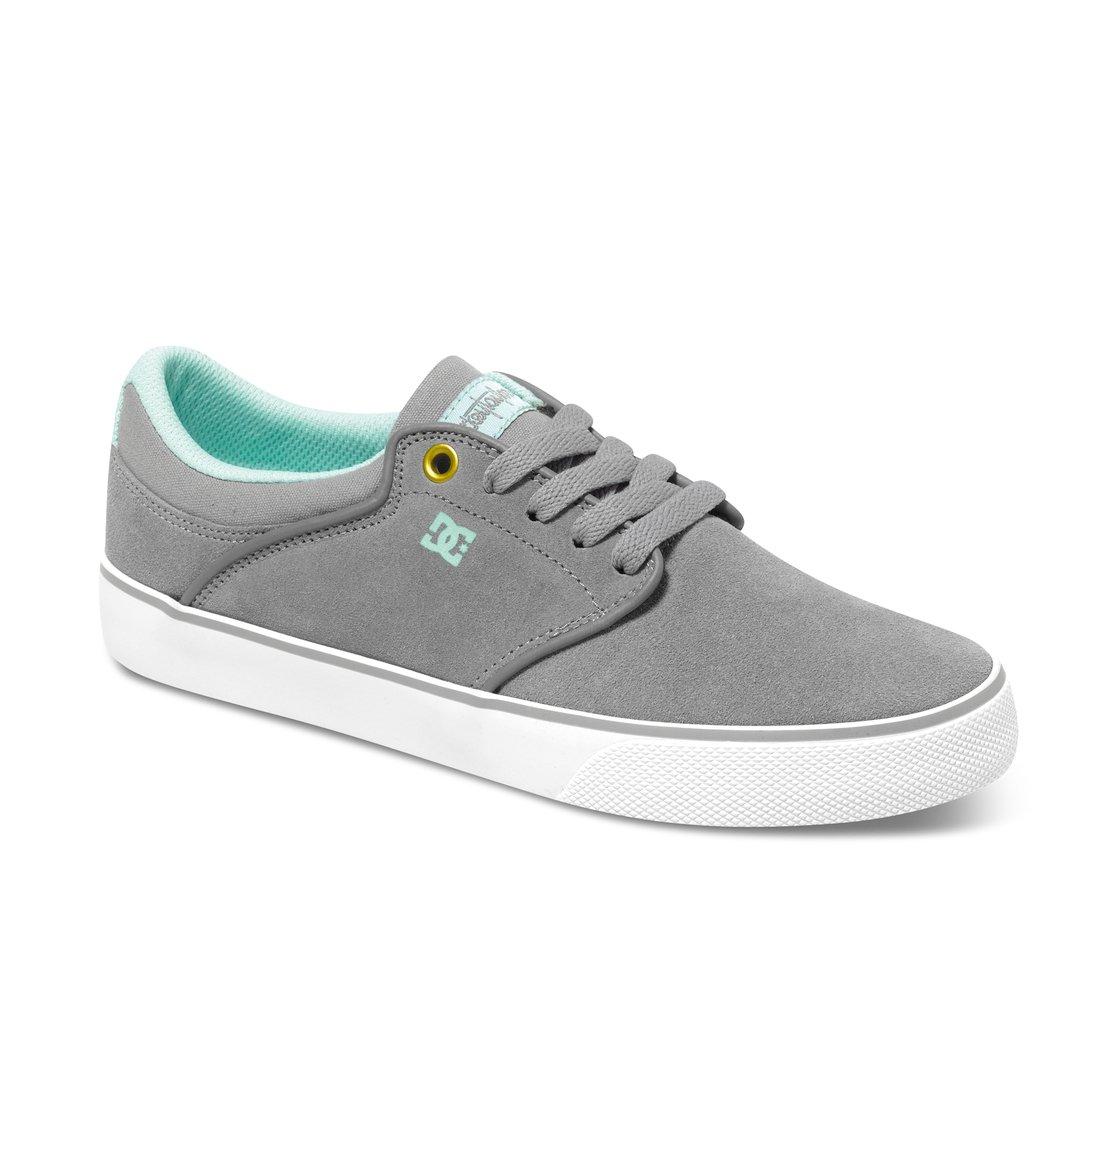 Zapatos DC Shoes para mujer